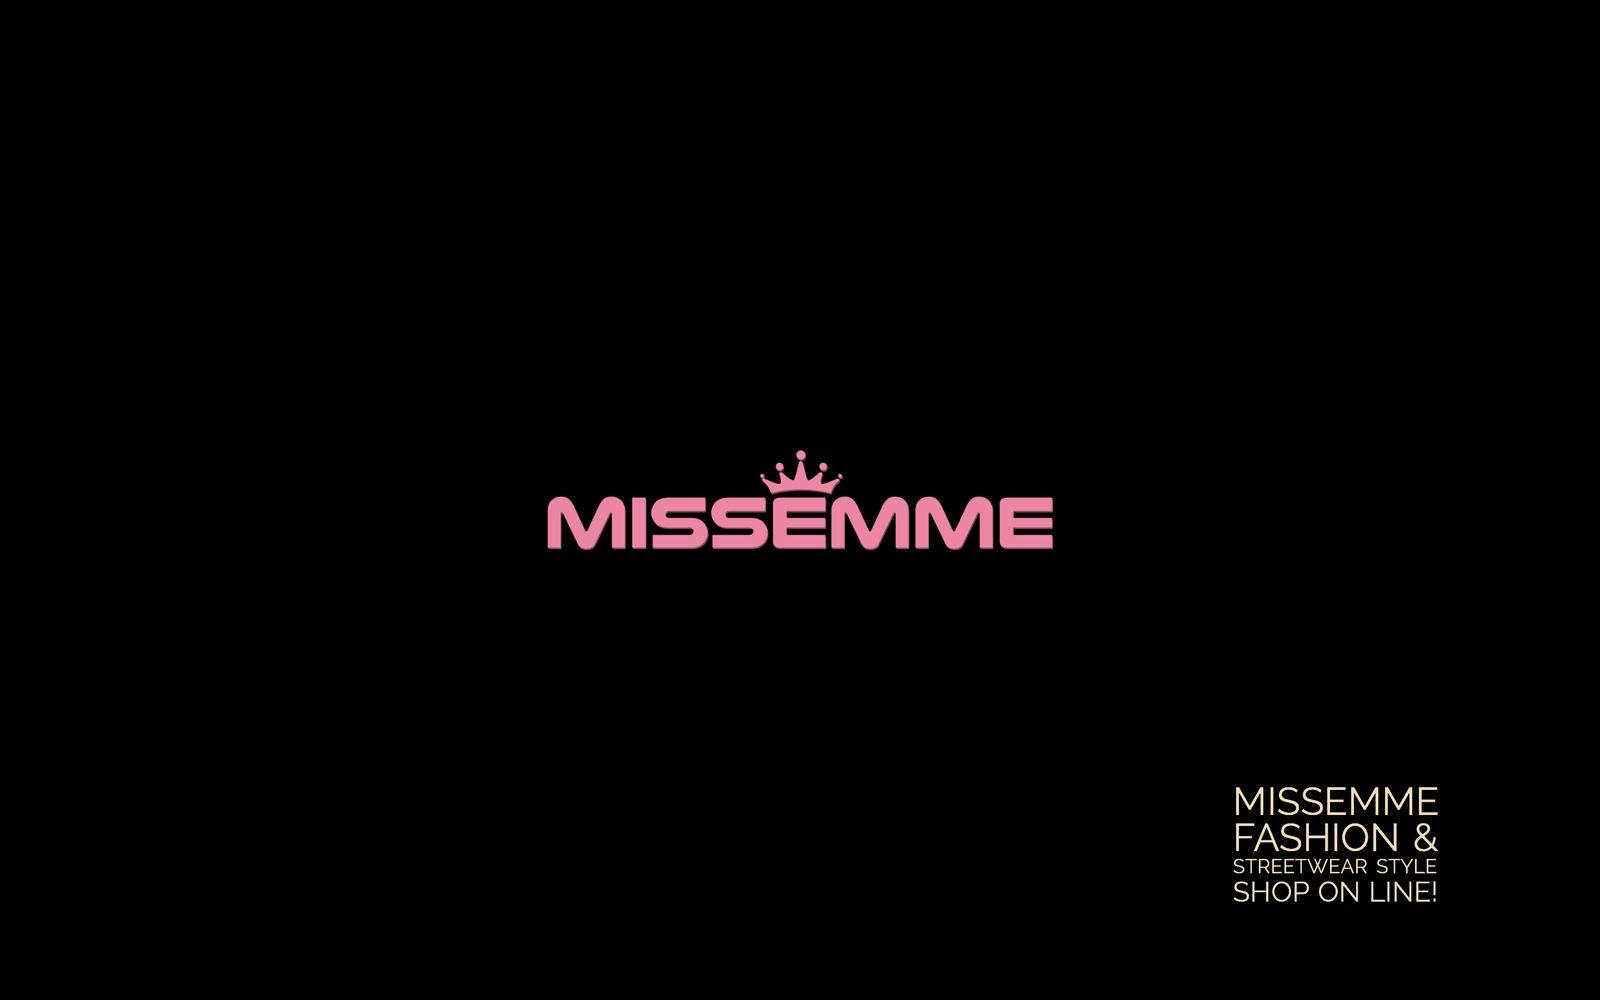 Missemme-Shop on line-realizzazione e-commerce